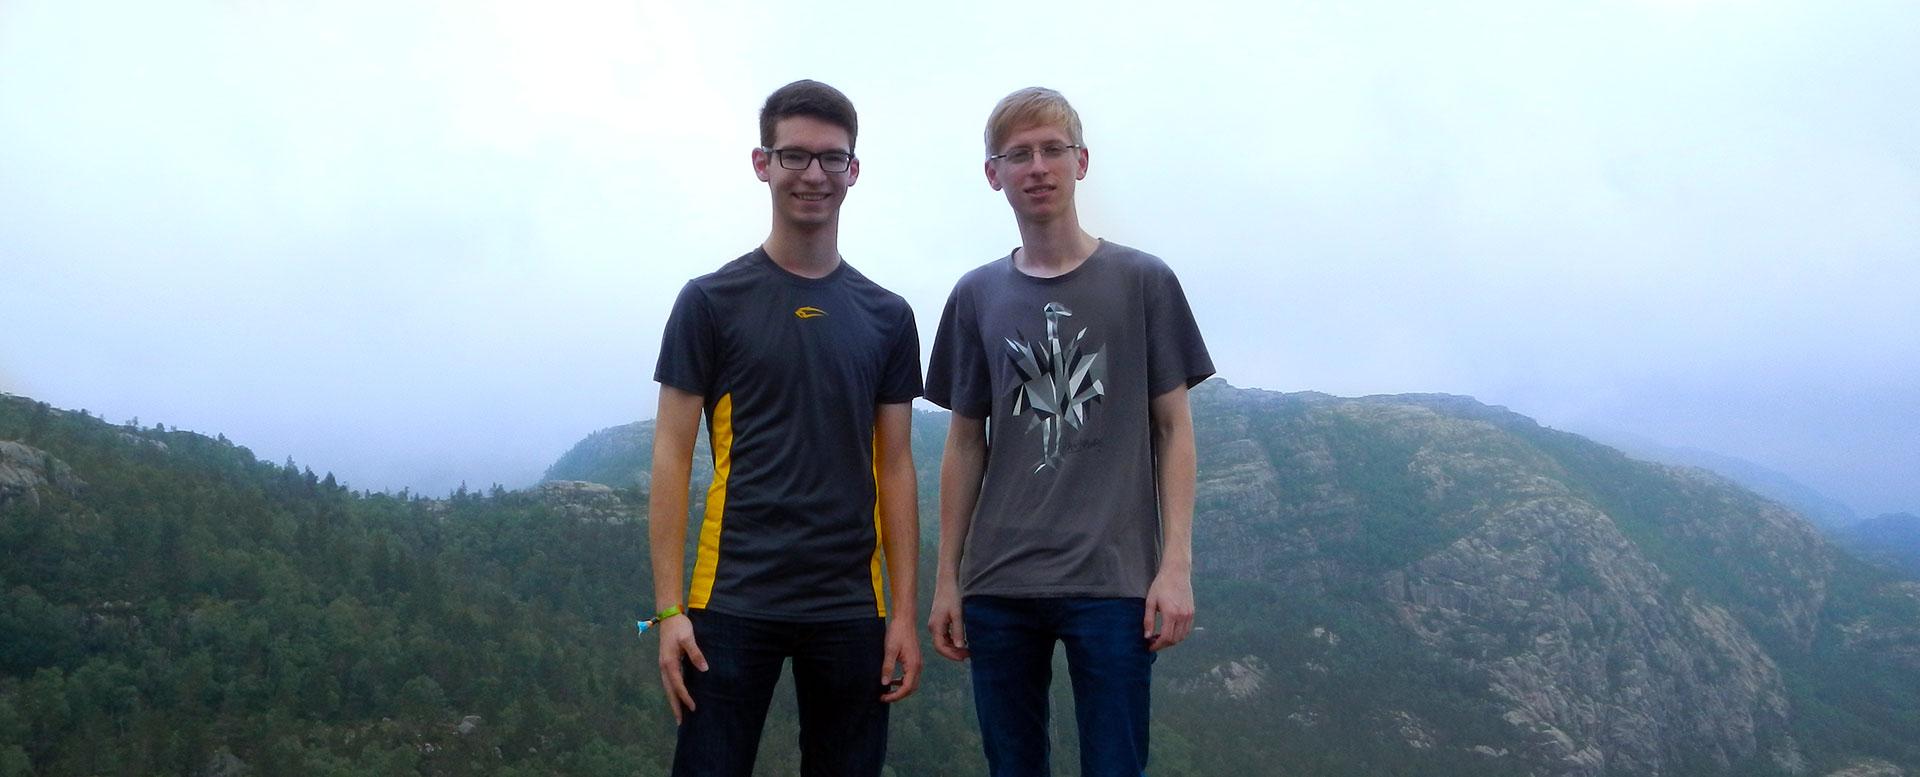 Christian und Lukas reisten per Interrail durch Skandinavien